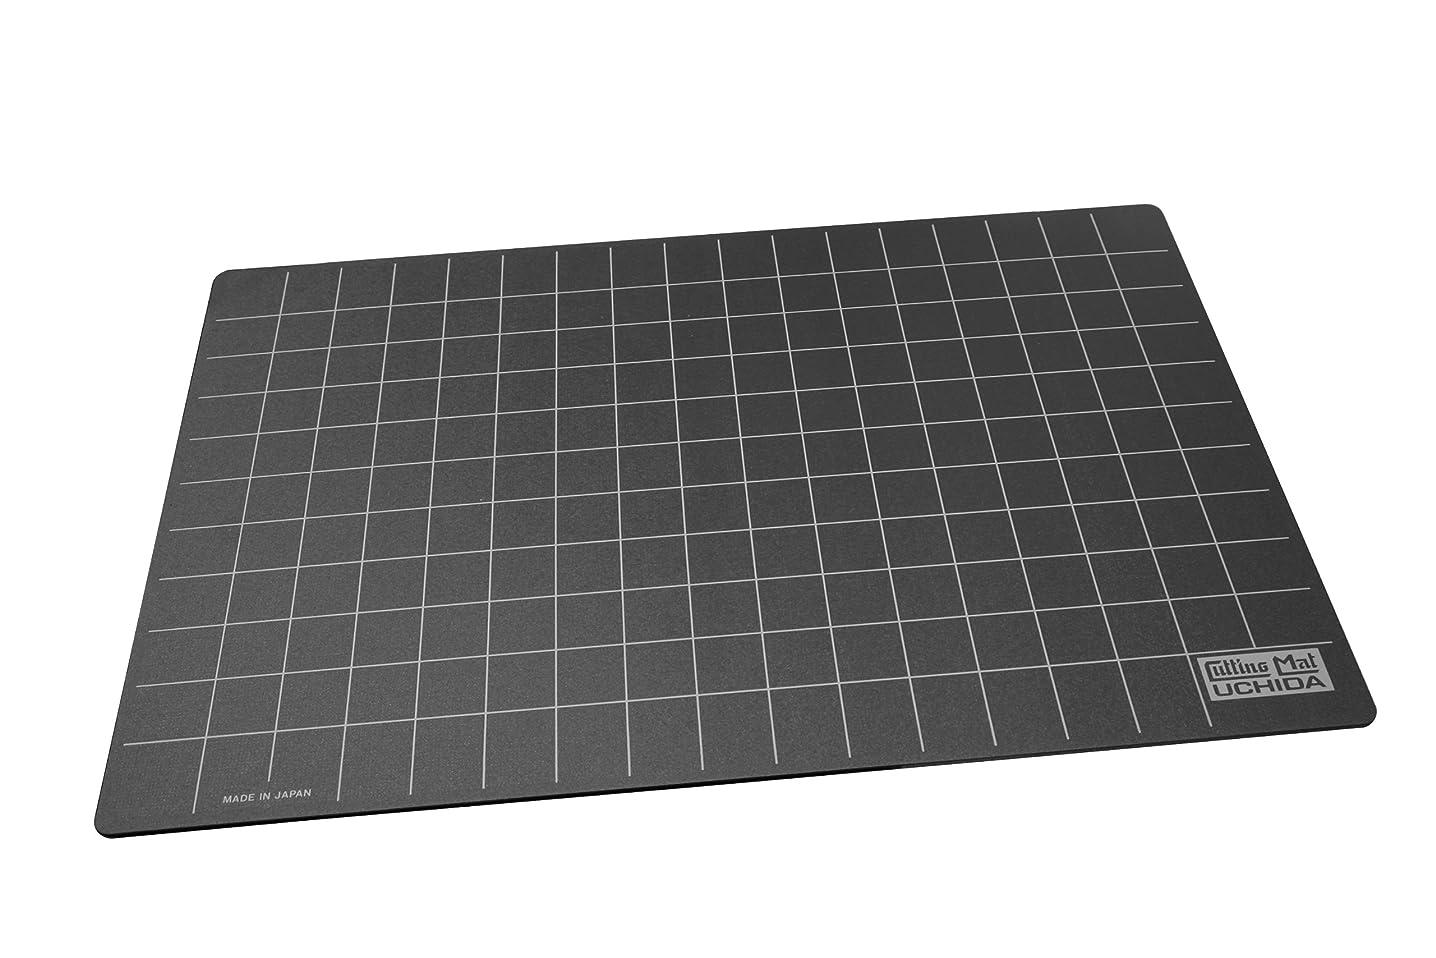 Uchida BS Marvy Opaque Cutting Mat, Black, 12-Inch by 18-inch